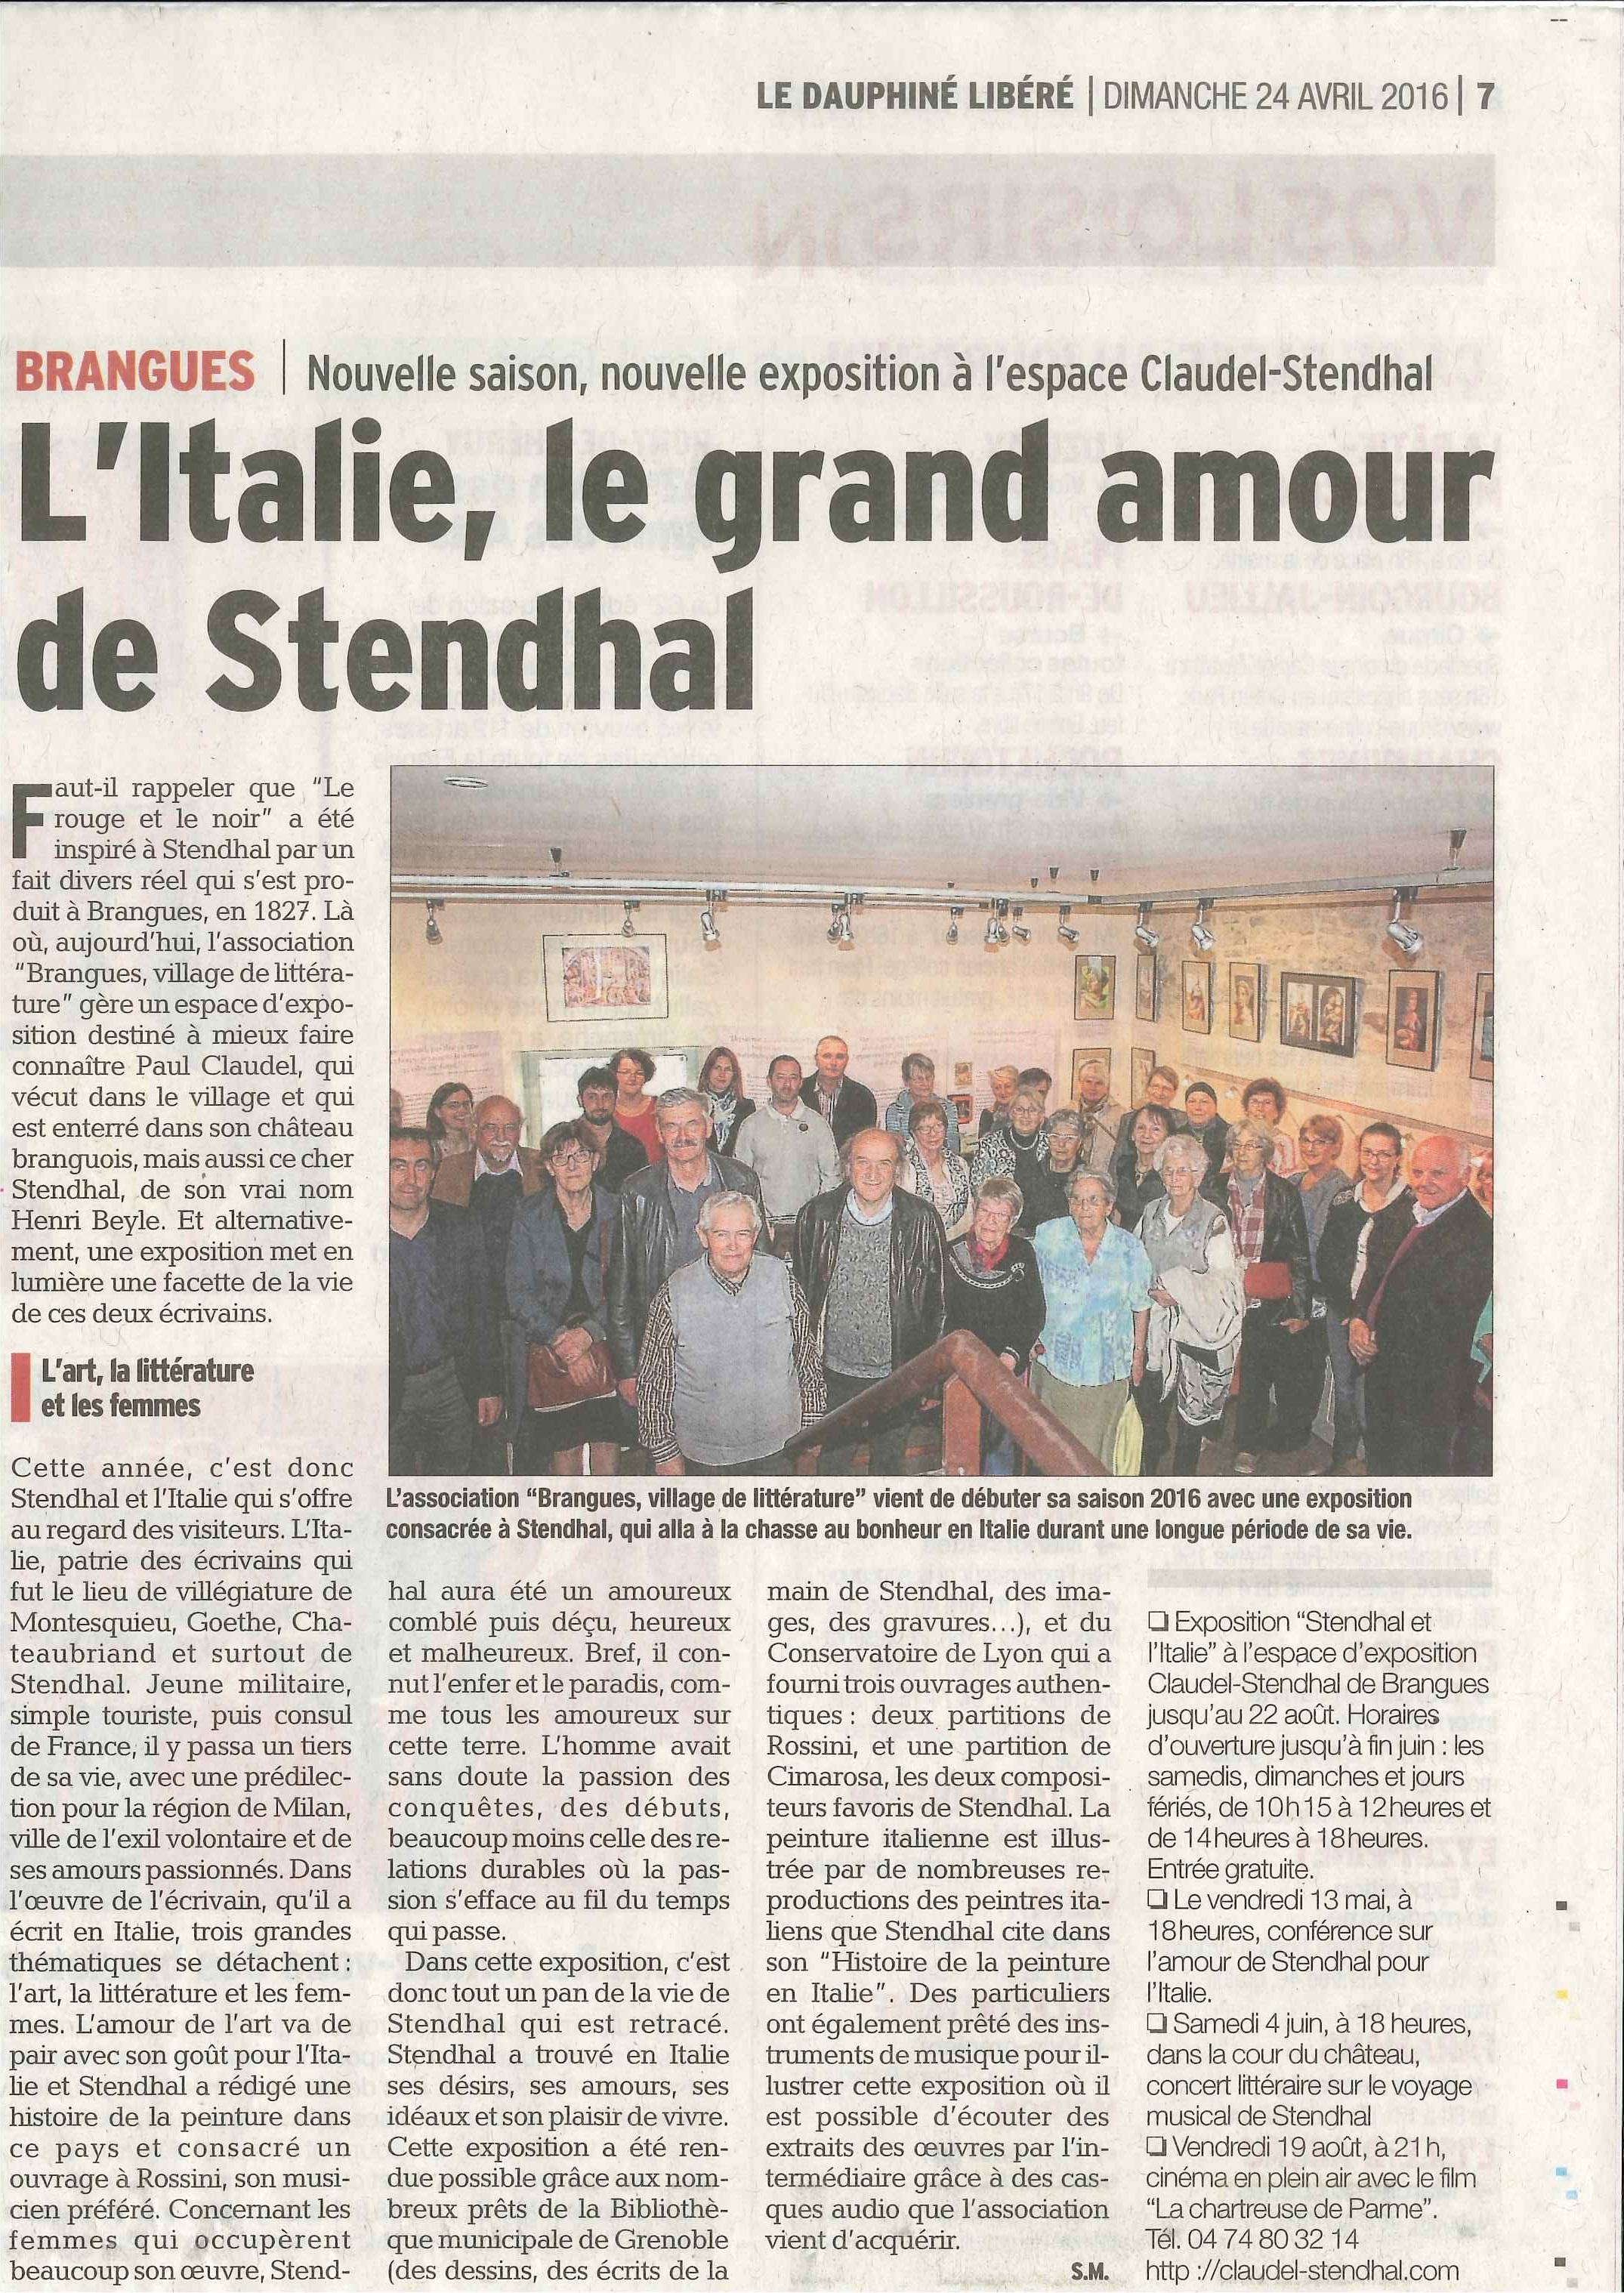 ouverture-de-lespace-stendhal-claudel